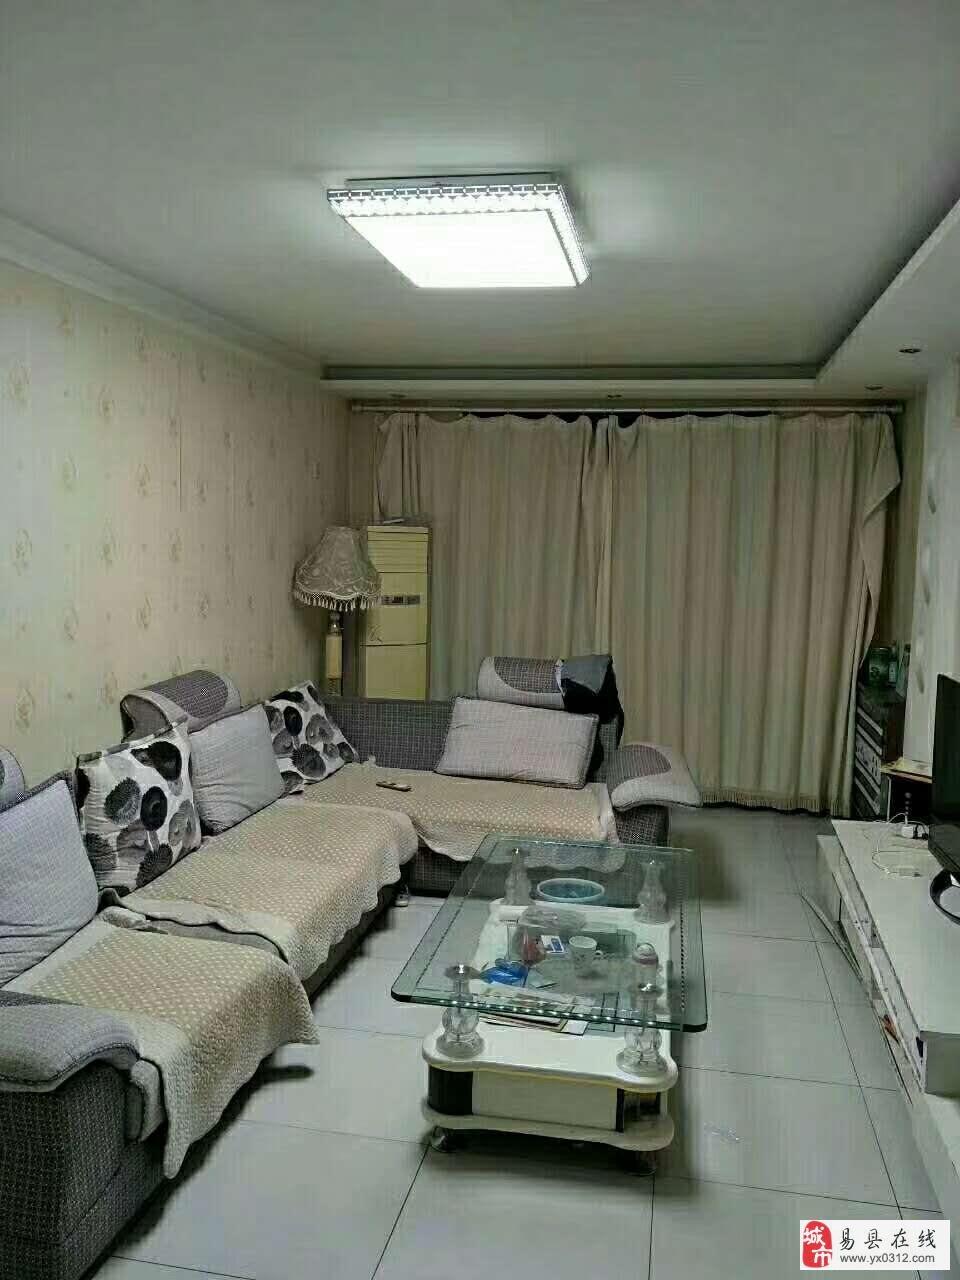 迎宾庄园3室2厅2卫精装有本可贷款